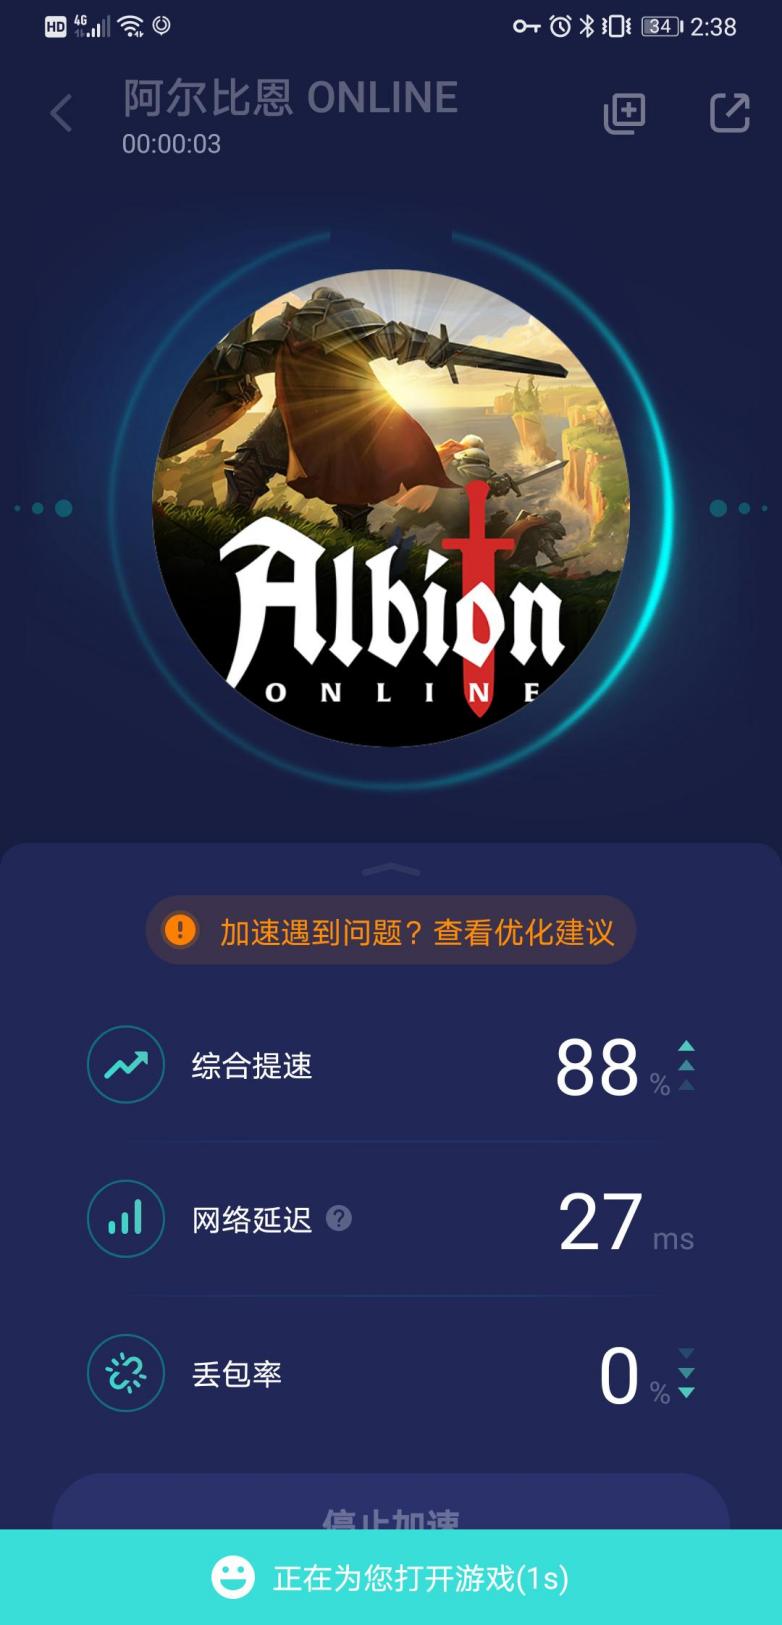 《阿尔比恩》手游正式上线 网易UU手游加速器助你轻松畅玩